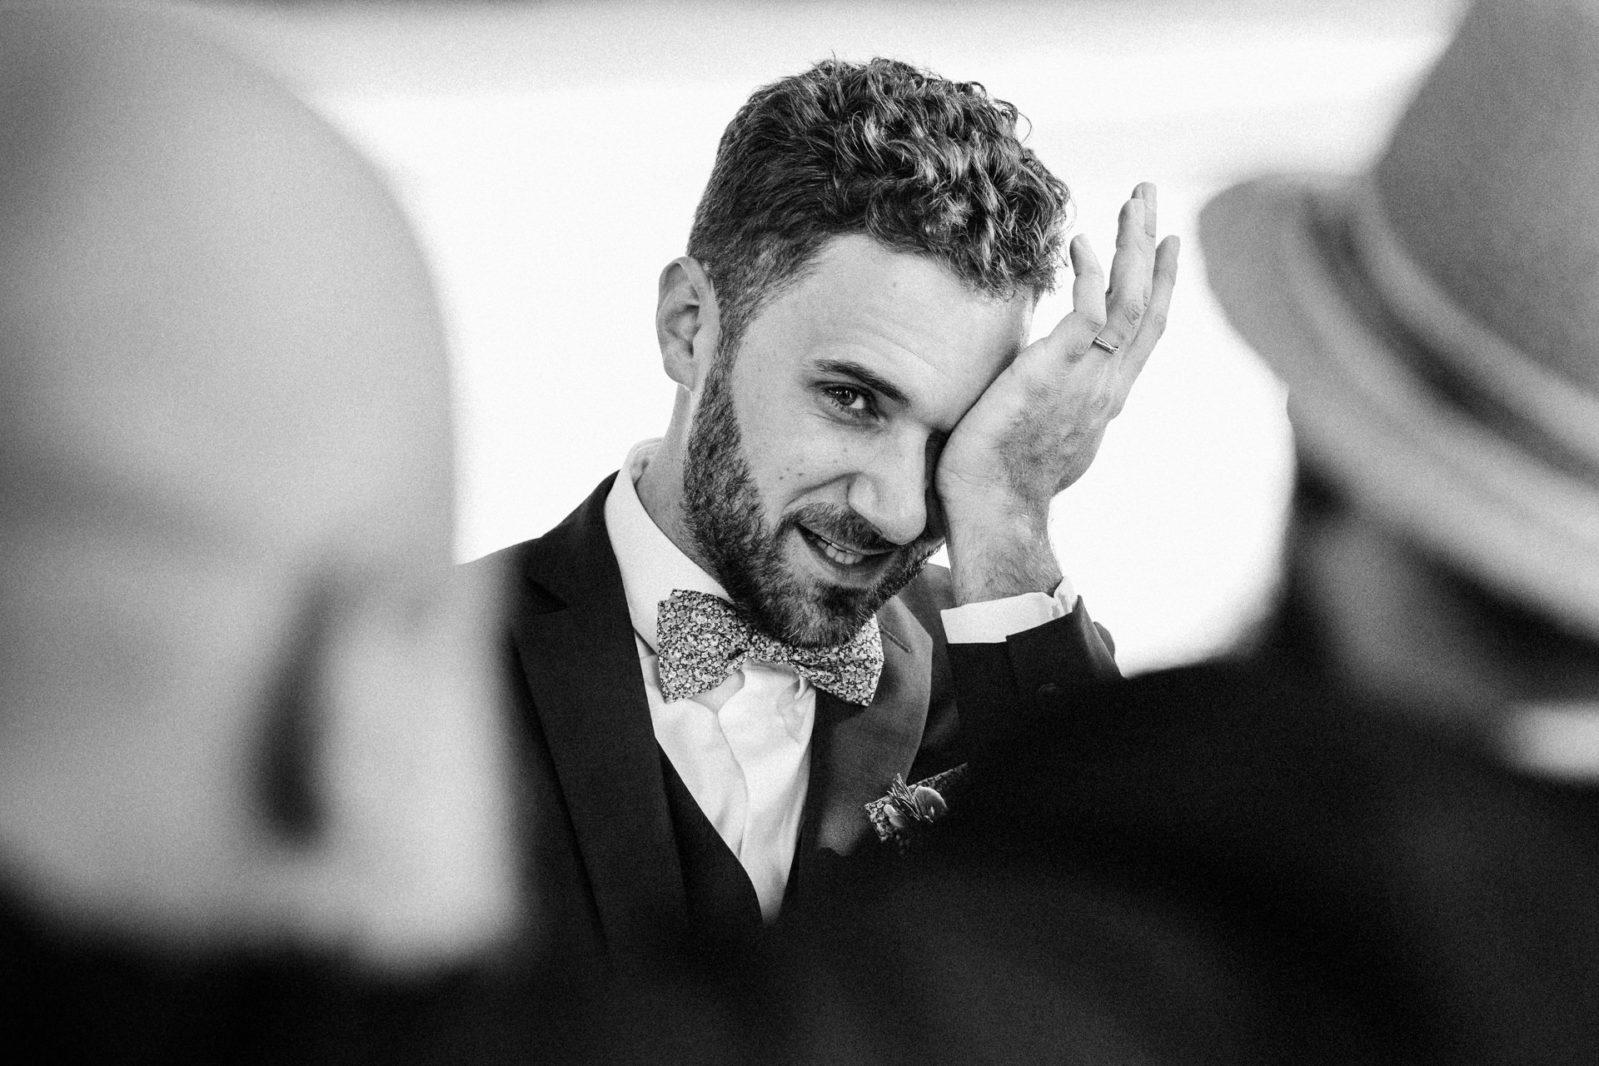 émotion du marié pendant la cérémonie de mariage Ernestine et sa famille photographe de mariage à l'approche reportage